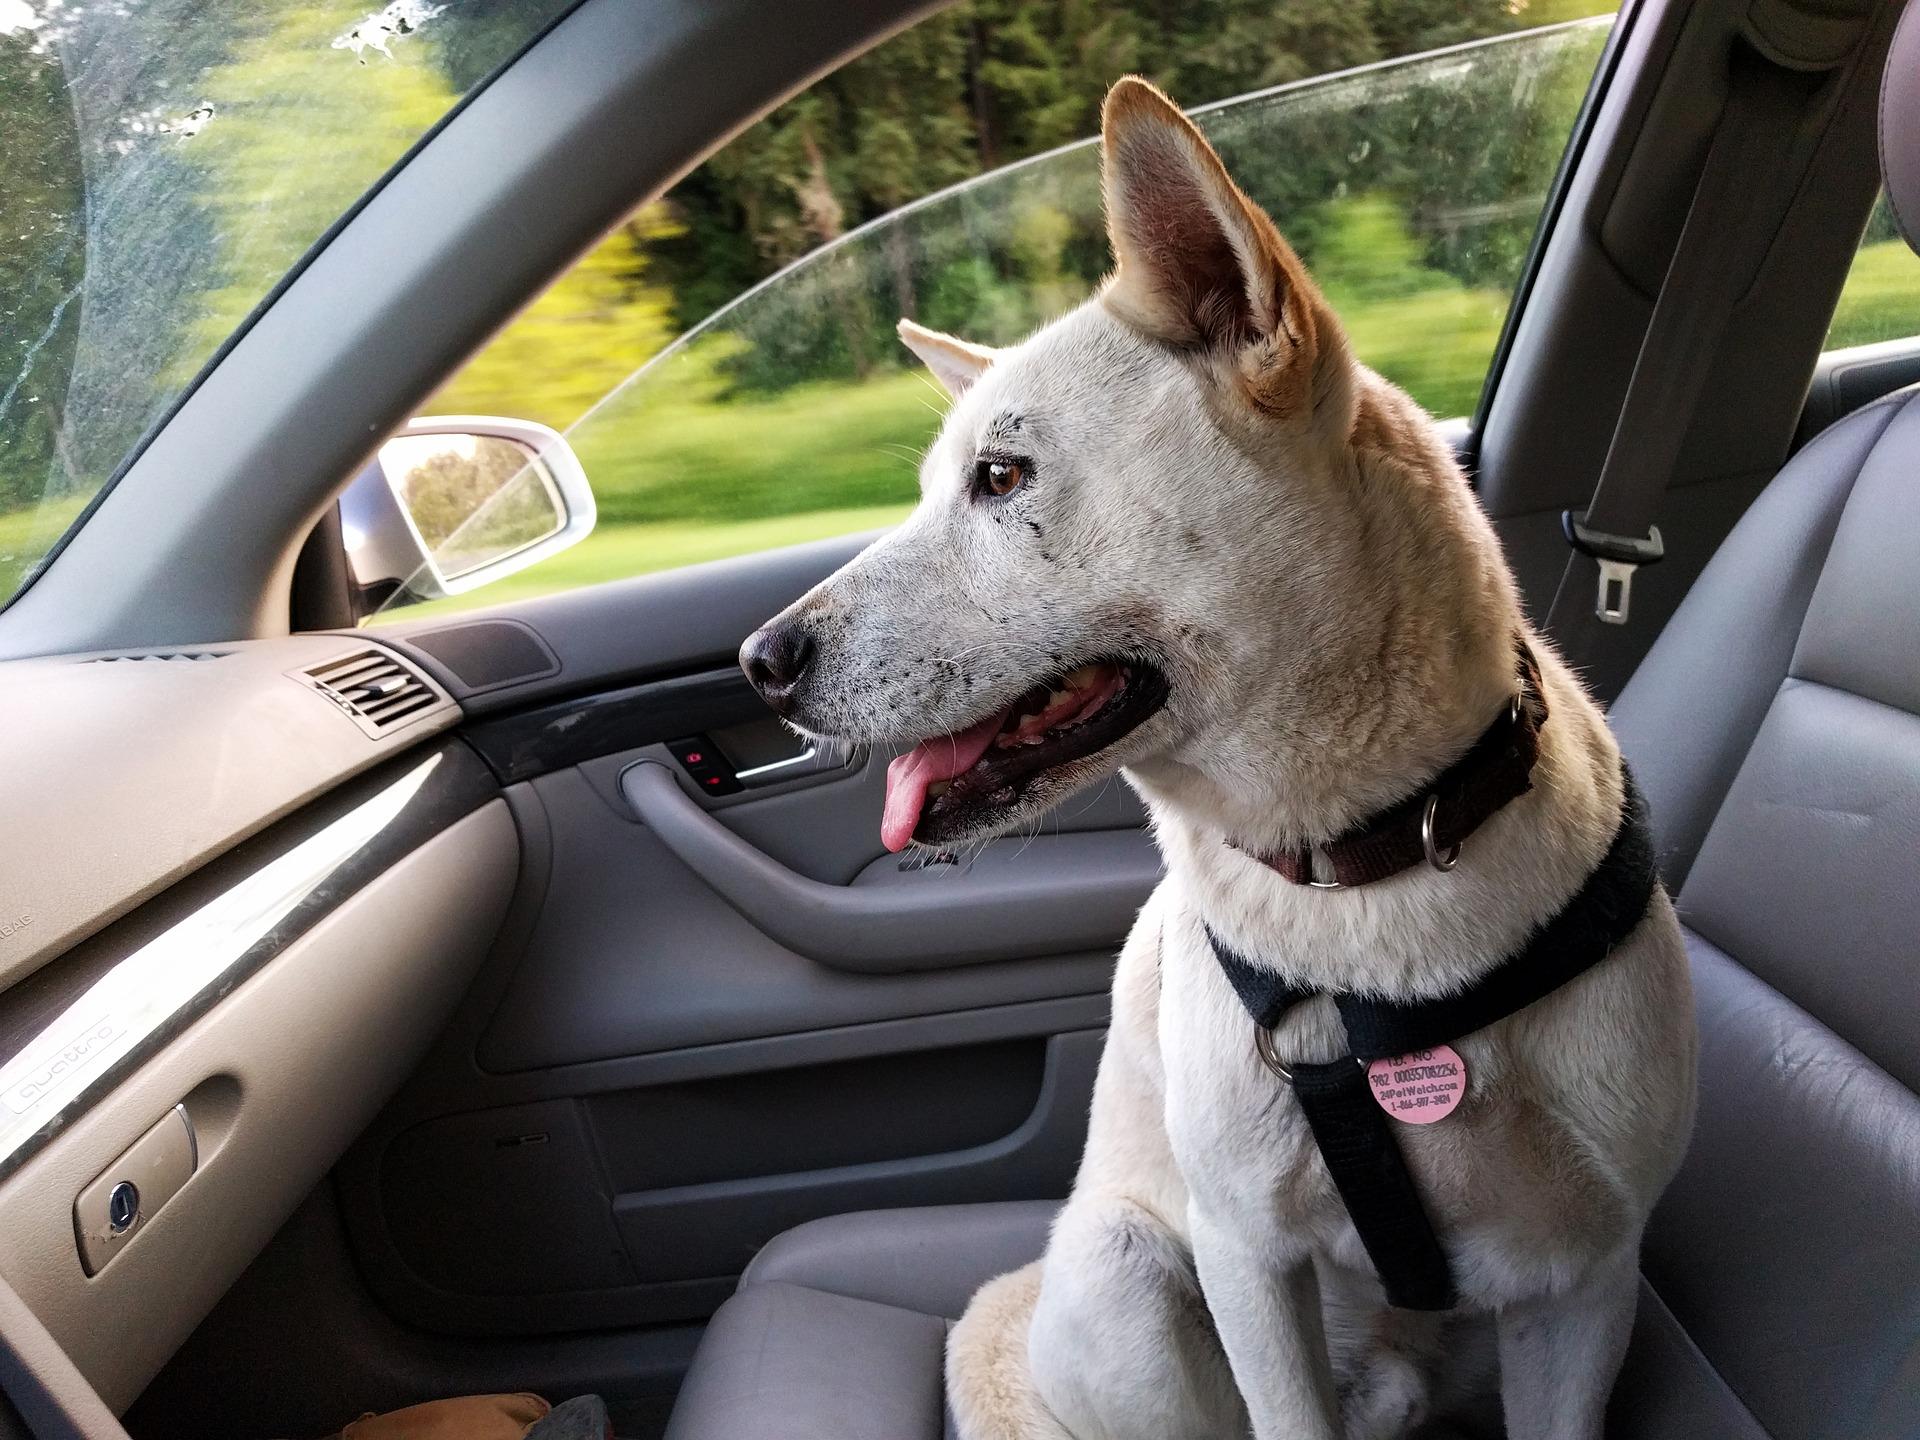 Foto de um cachorro com coleira, sentado em um banco de carro. Imagem ilustrativa para o texto impermeabilização de bancos automotivos.